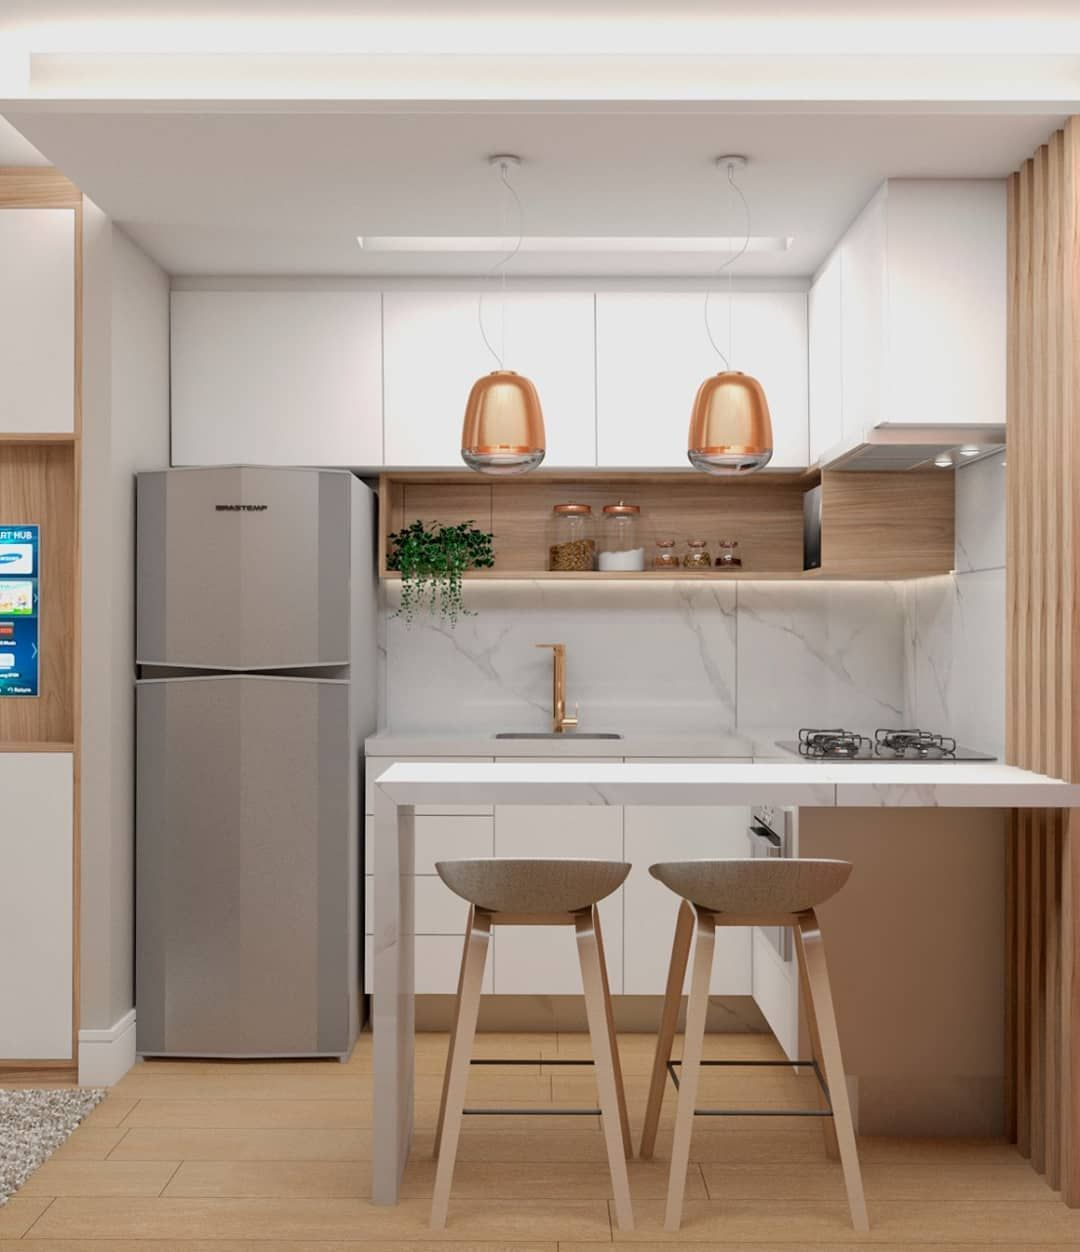 Cozinha moderna com geladeira frost free